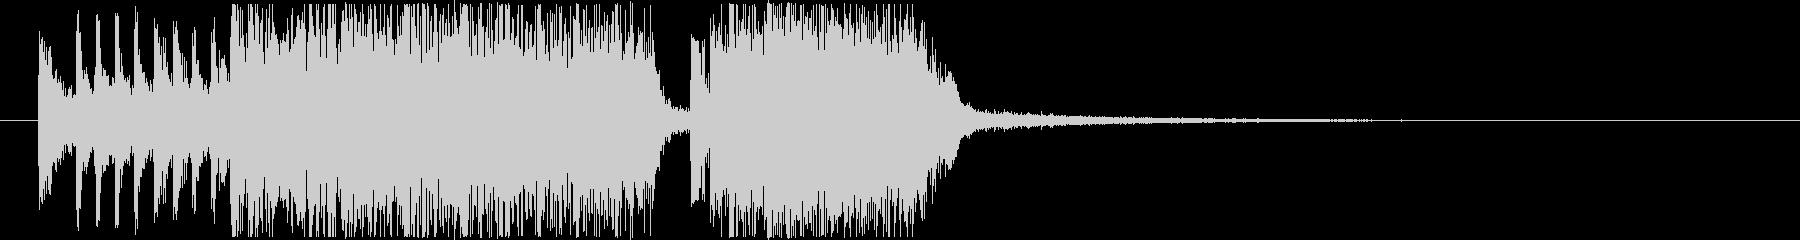 生演奏メタルなアイキャッチ1の未再生の波形